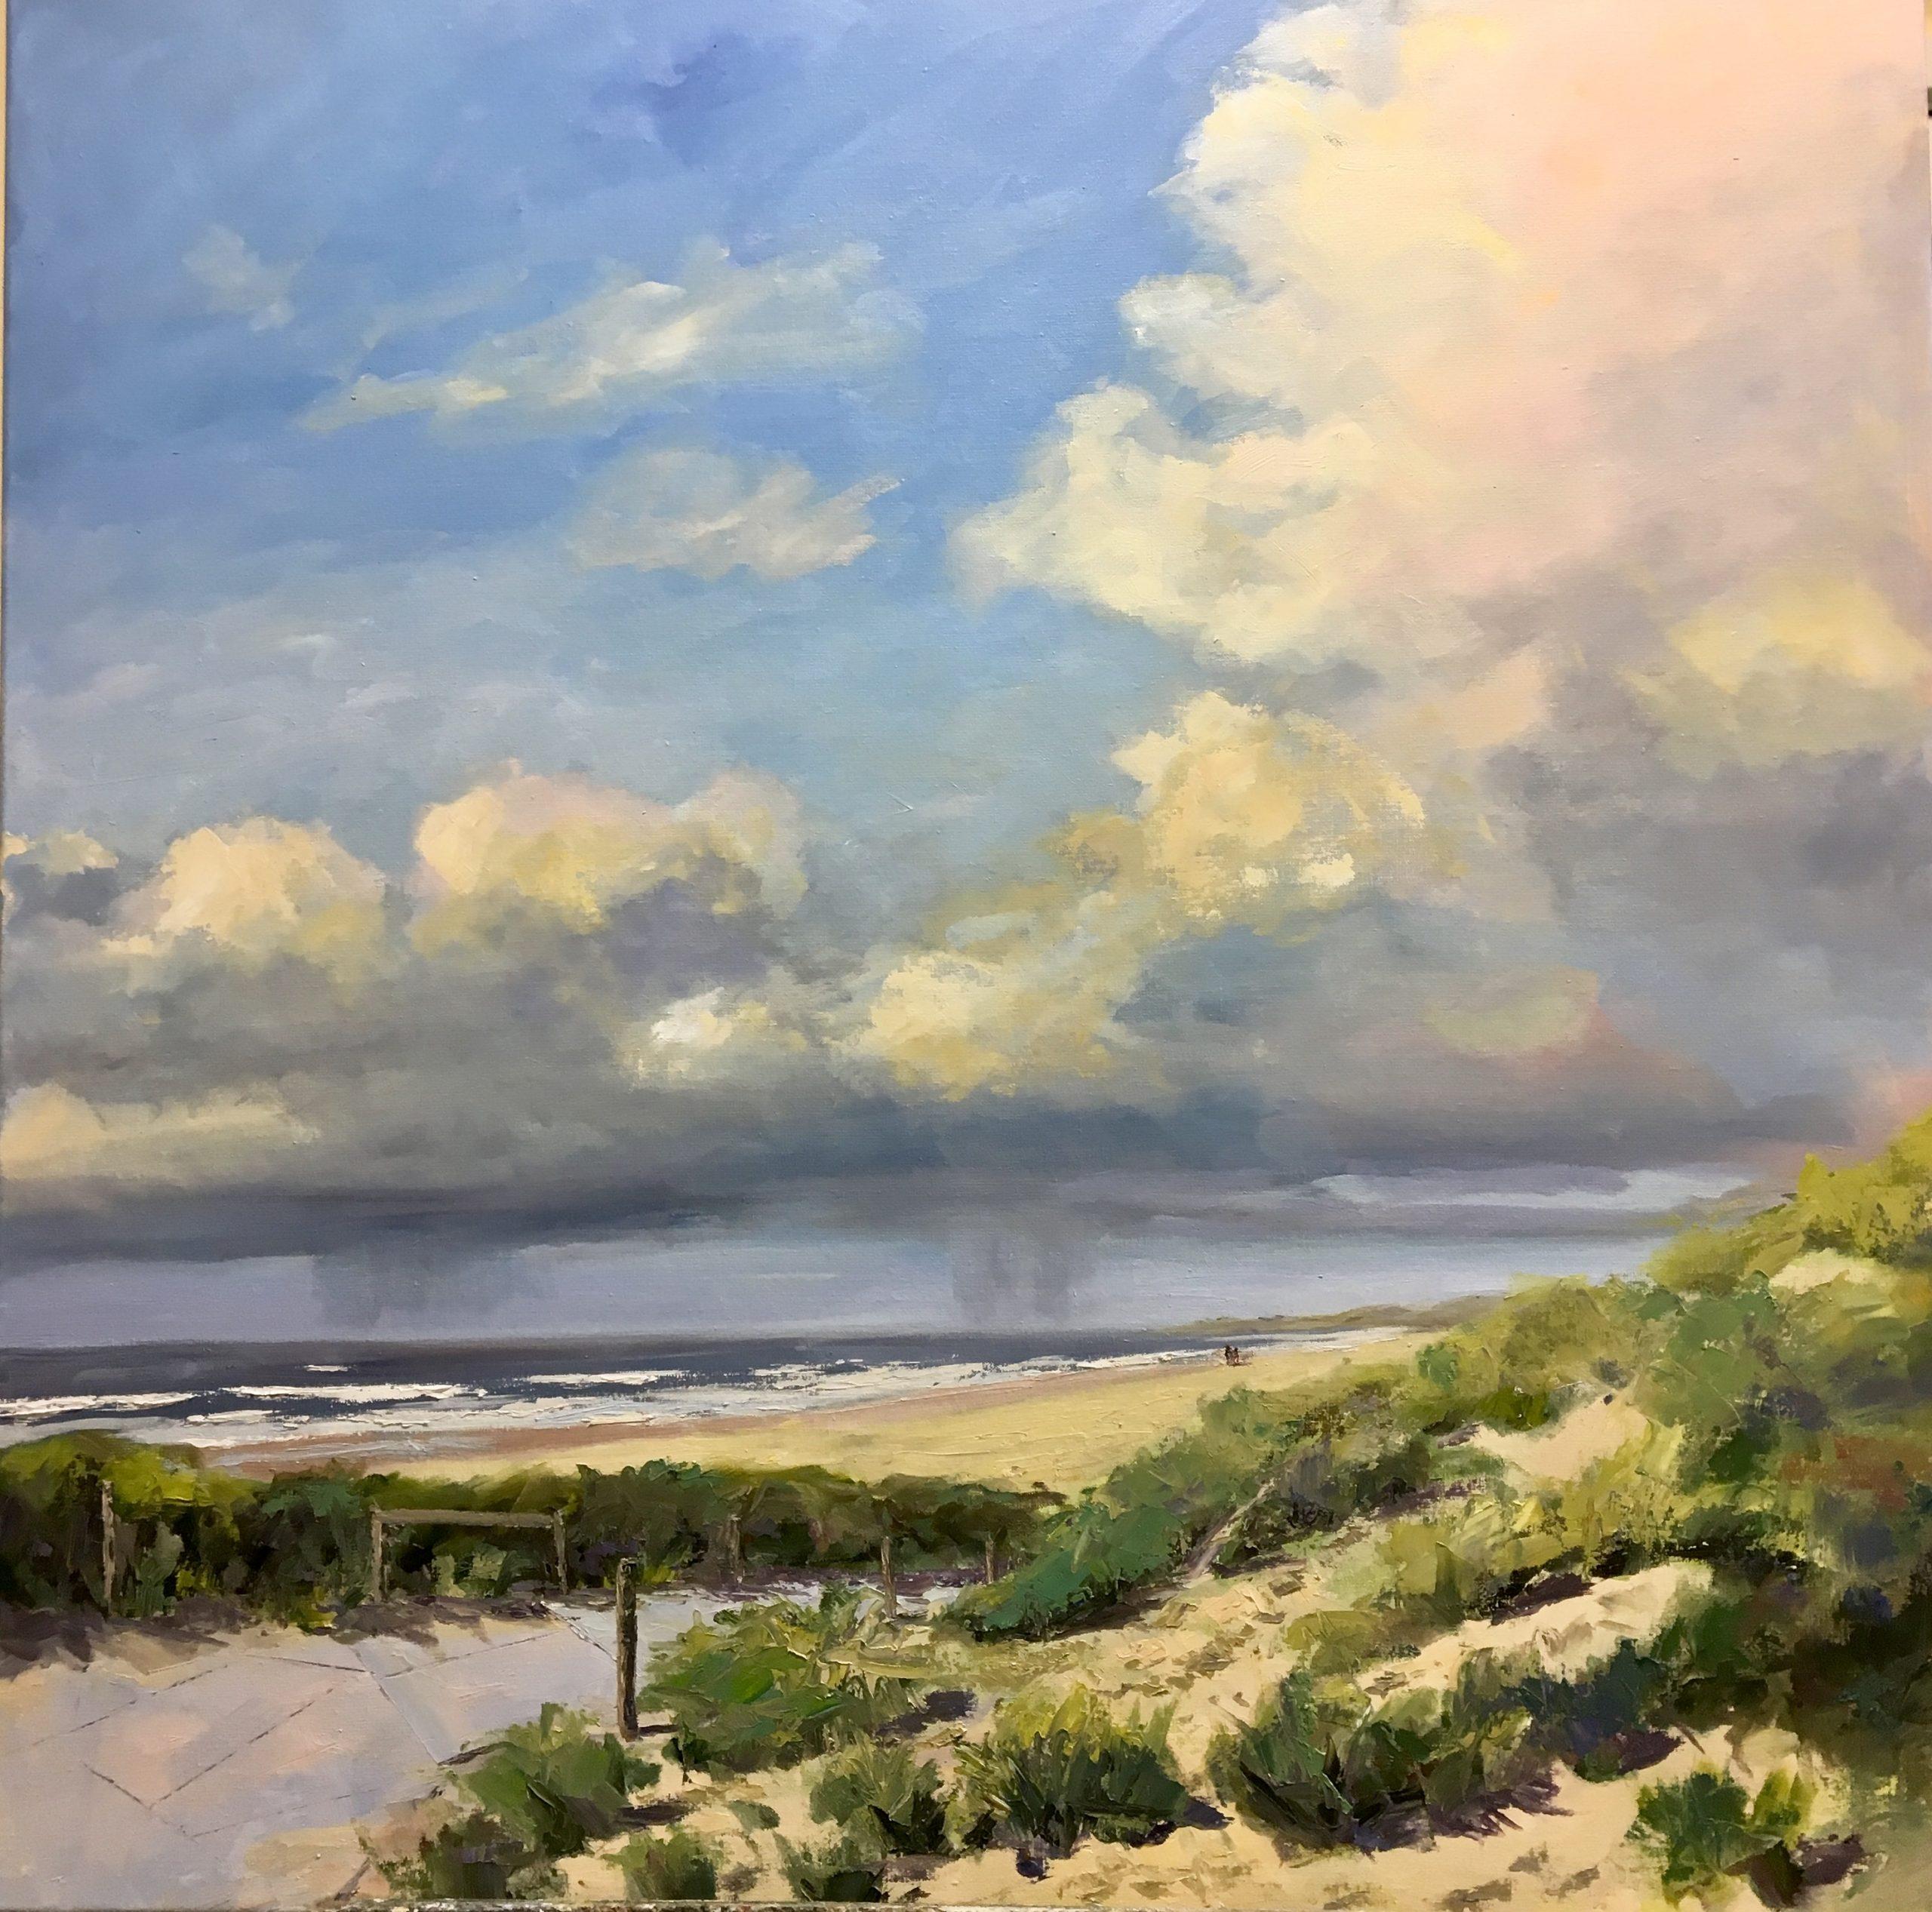 Noordwijk, duinen, strand, zeegezicht, van Lynden, dunes, seaview, beach